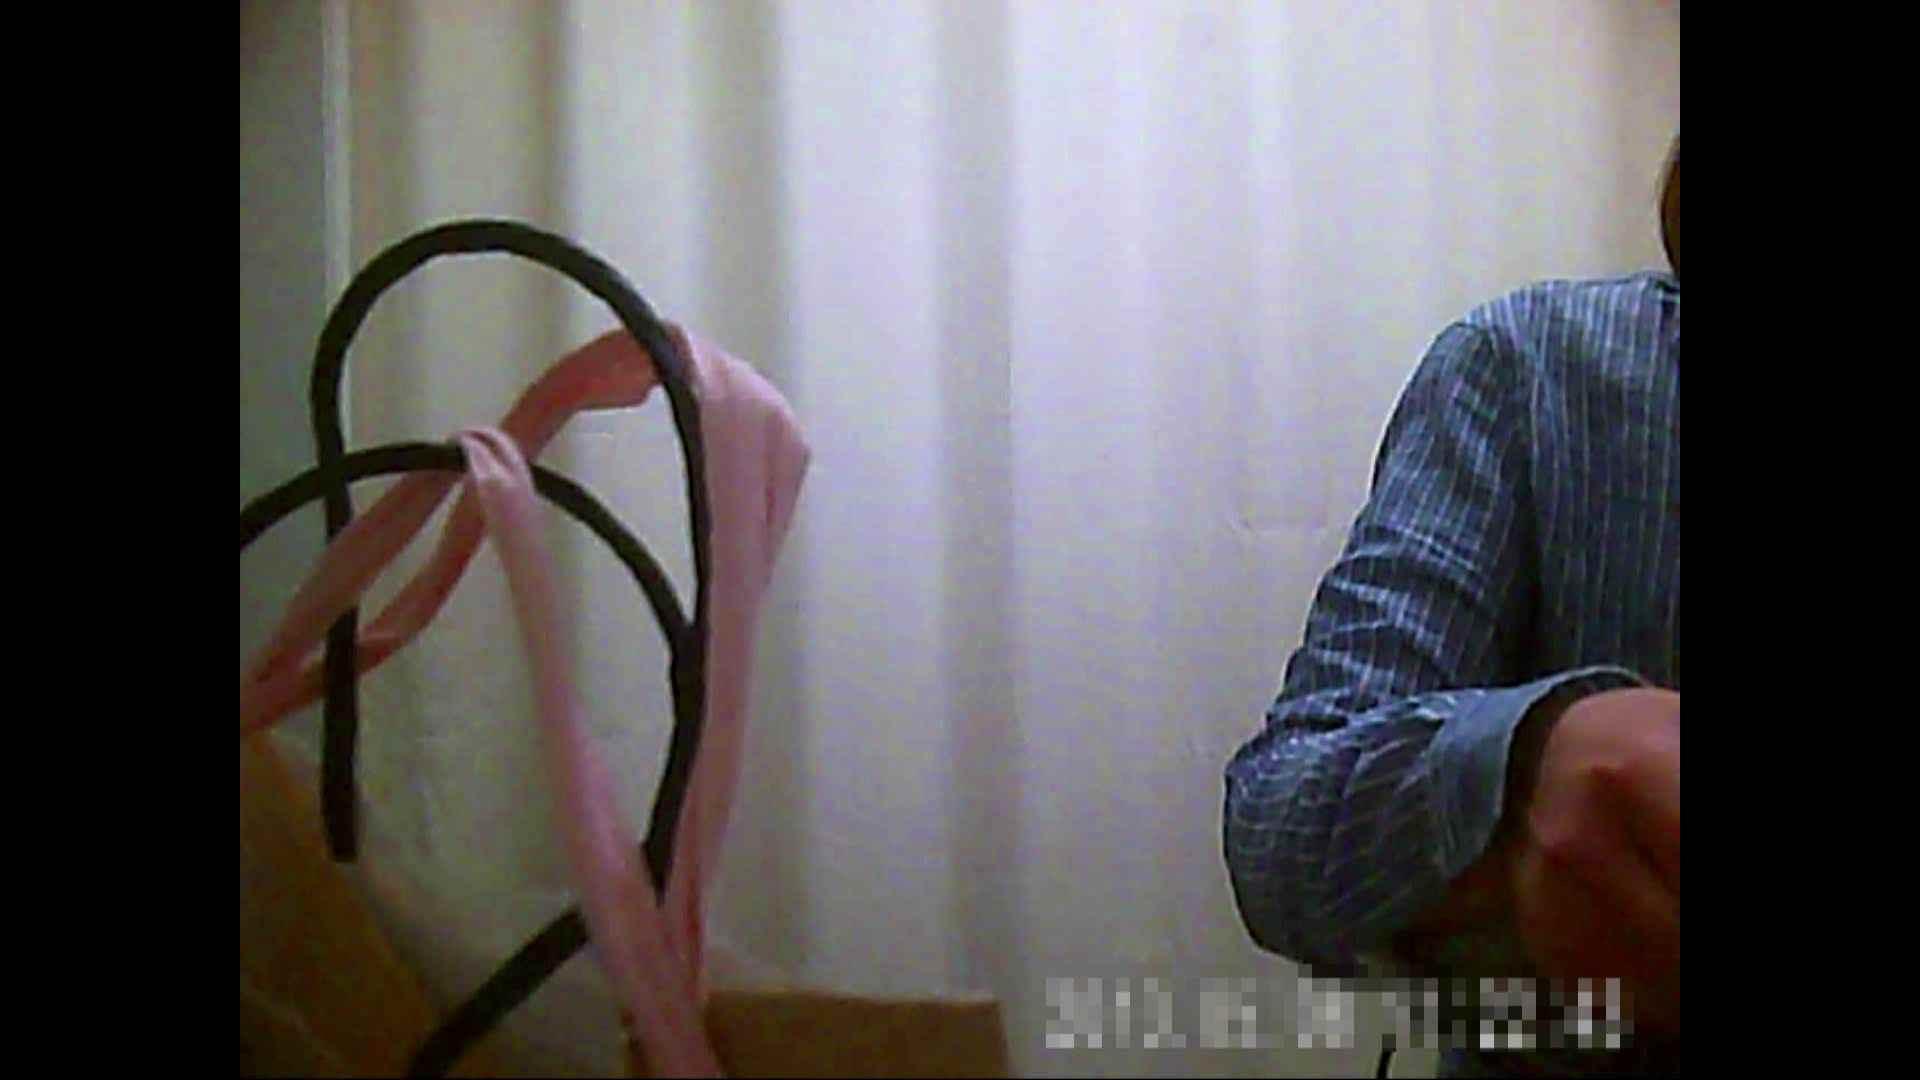 病院おもいっきり着替え! vol.208 OLセックス 盗撮オメコ無修正動画無料 91画像 23